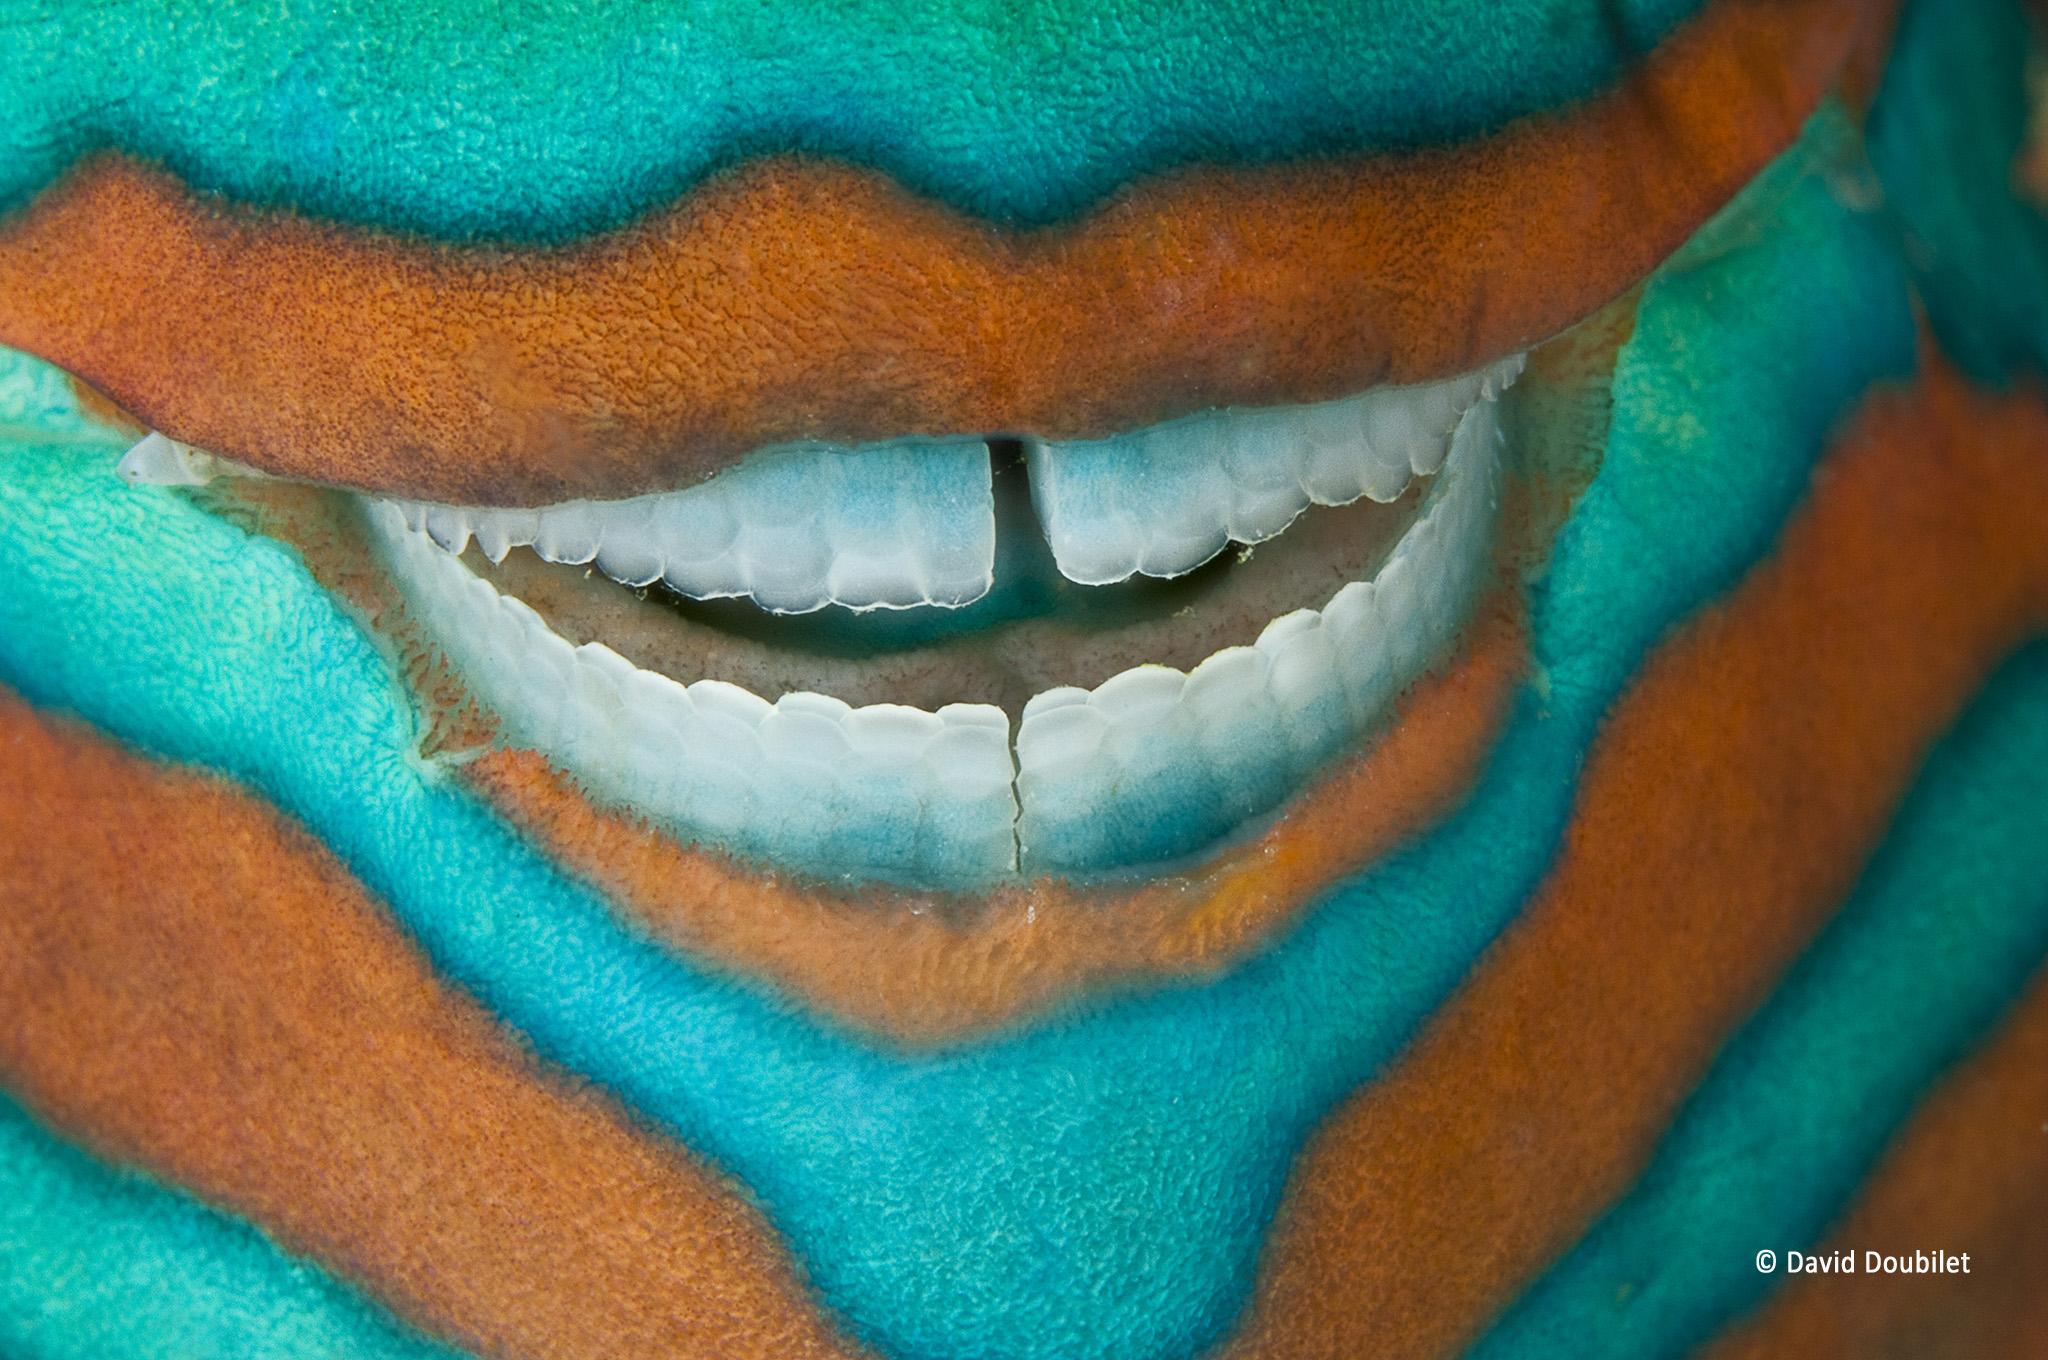 Sourire du poisson-perroquet. Un poisson-perroquet (Scarus frenatus) dormant sous le rebord d'un récif corallien au large de l'Île Heron, dans la Grande Barrière de Corail, révèle une dentition parfaite et puissante qu'il utilise pour gratter et broyer le corail afin d'obtenir les nutriments des algues.